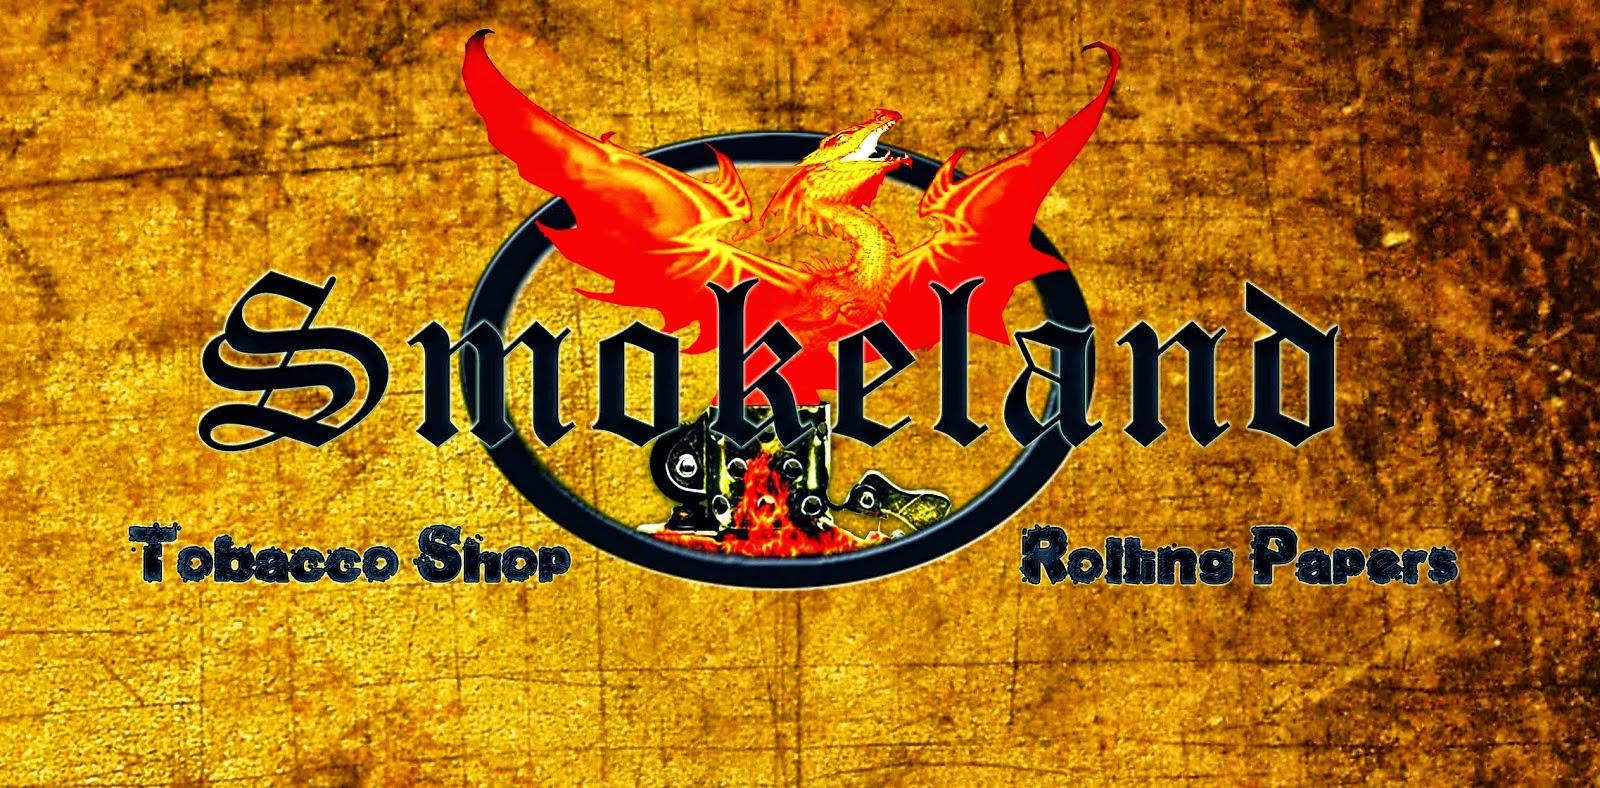 smokeland